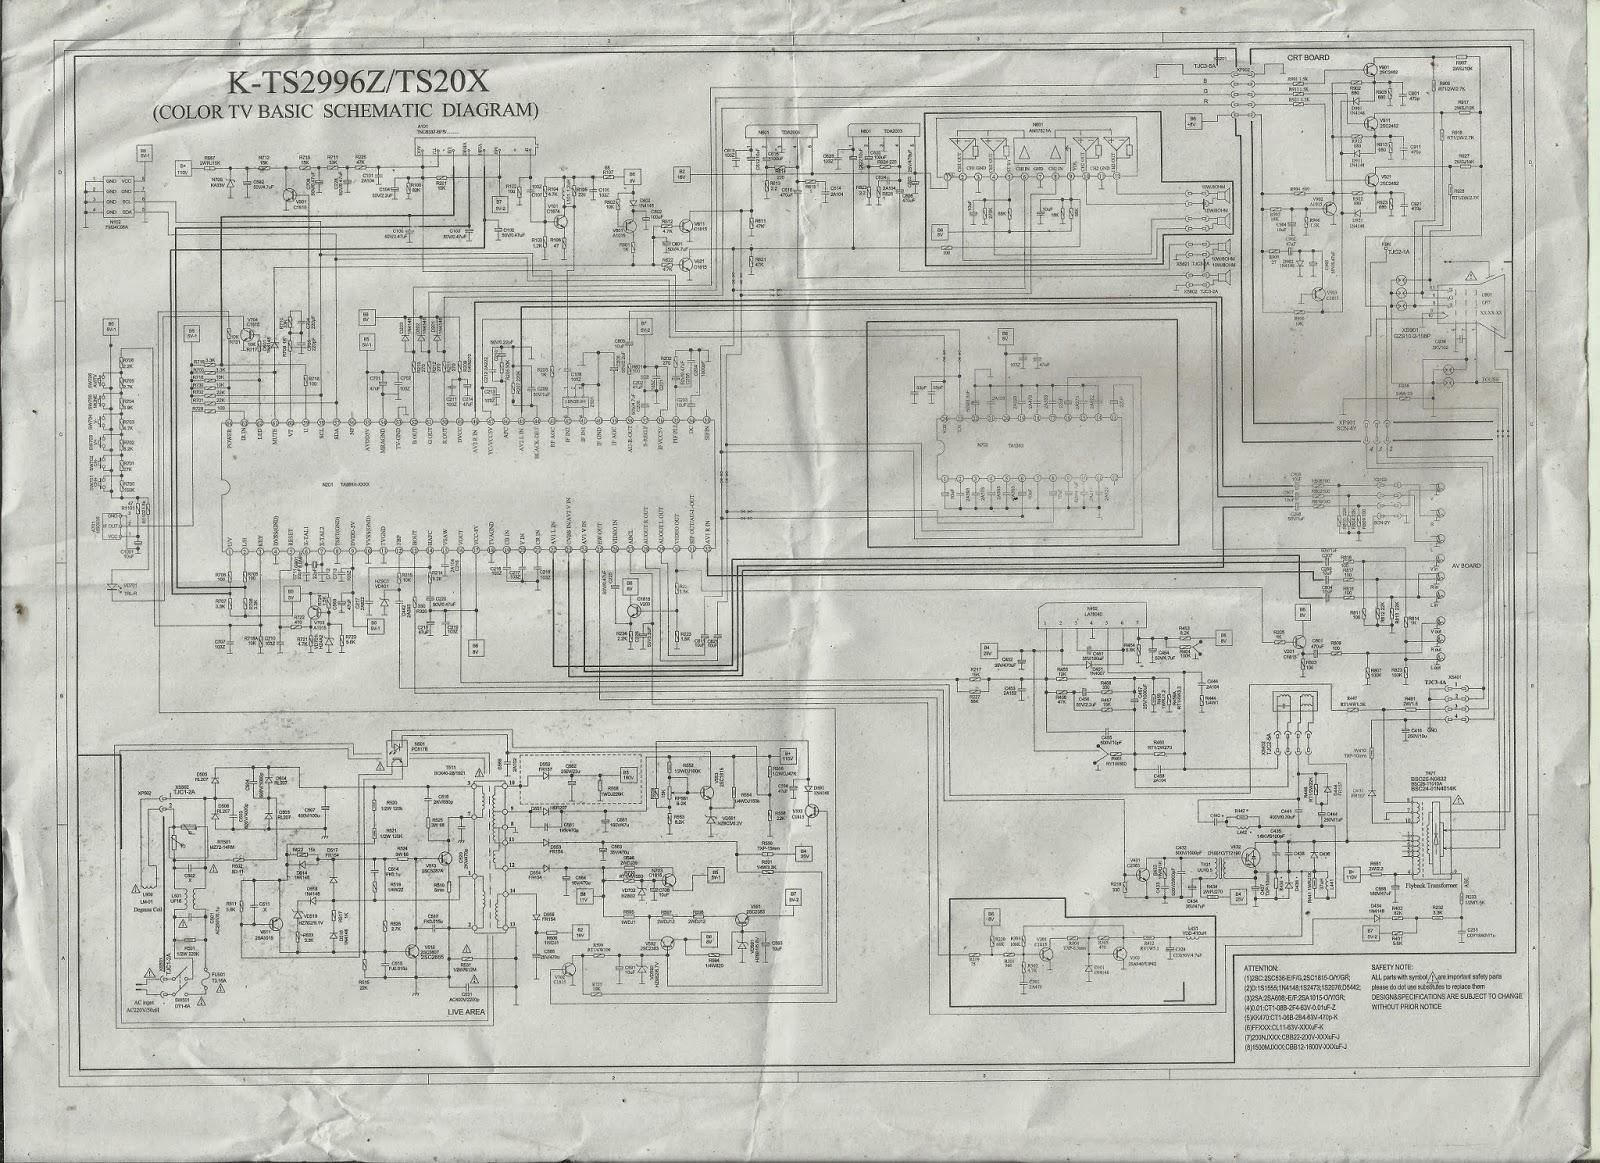 philips cfl circuit diagram